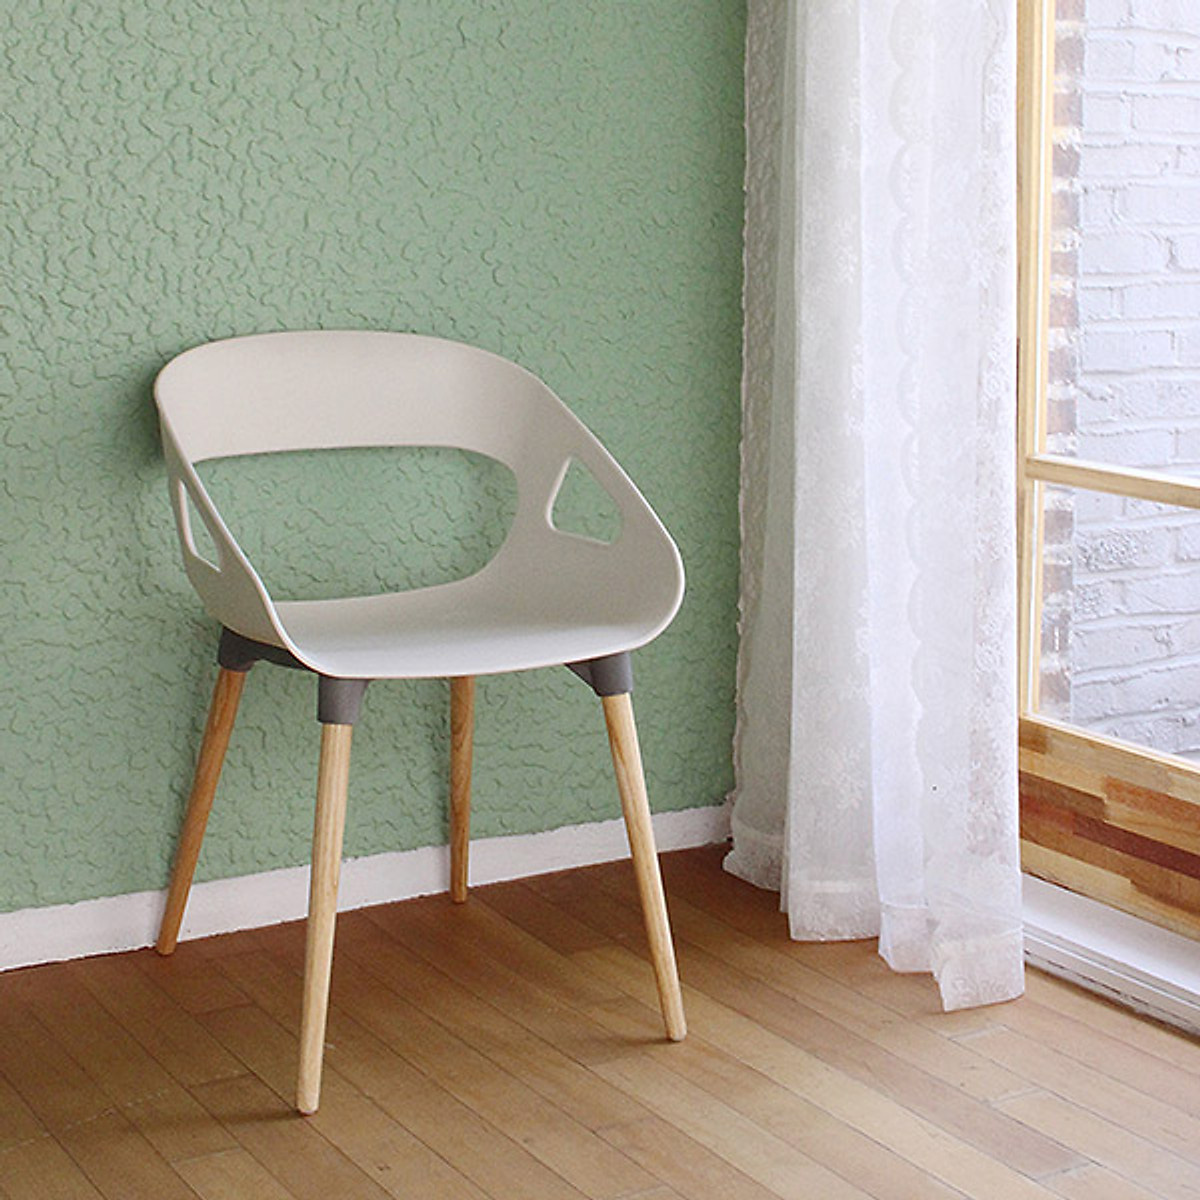 7 mẫu ghế xinh xẻo vừa decor nhà vừa làm đạo cụ để bạn sống ảo như Jennie - Ảnh 3.